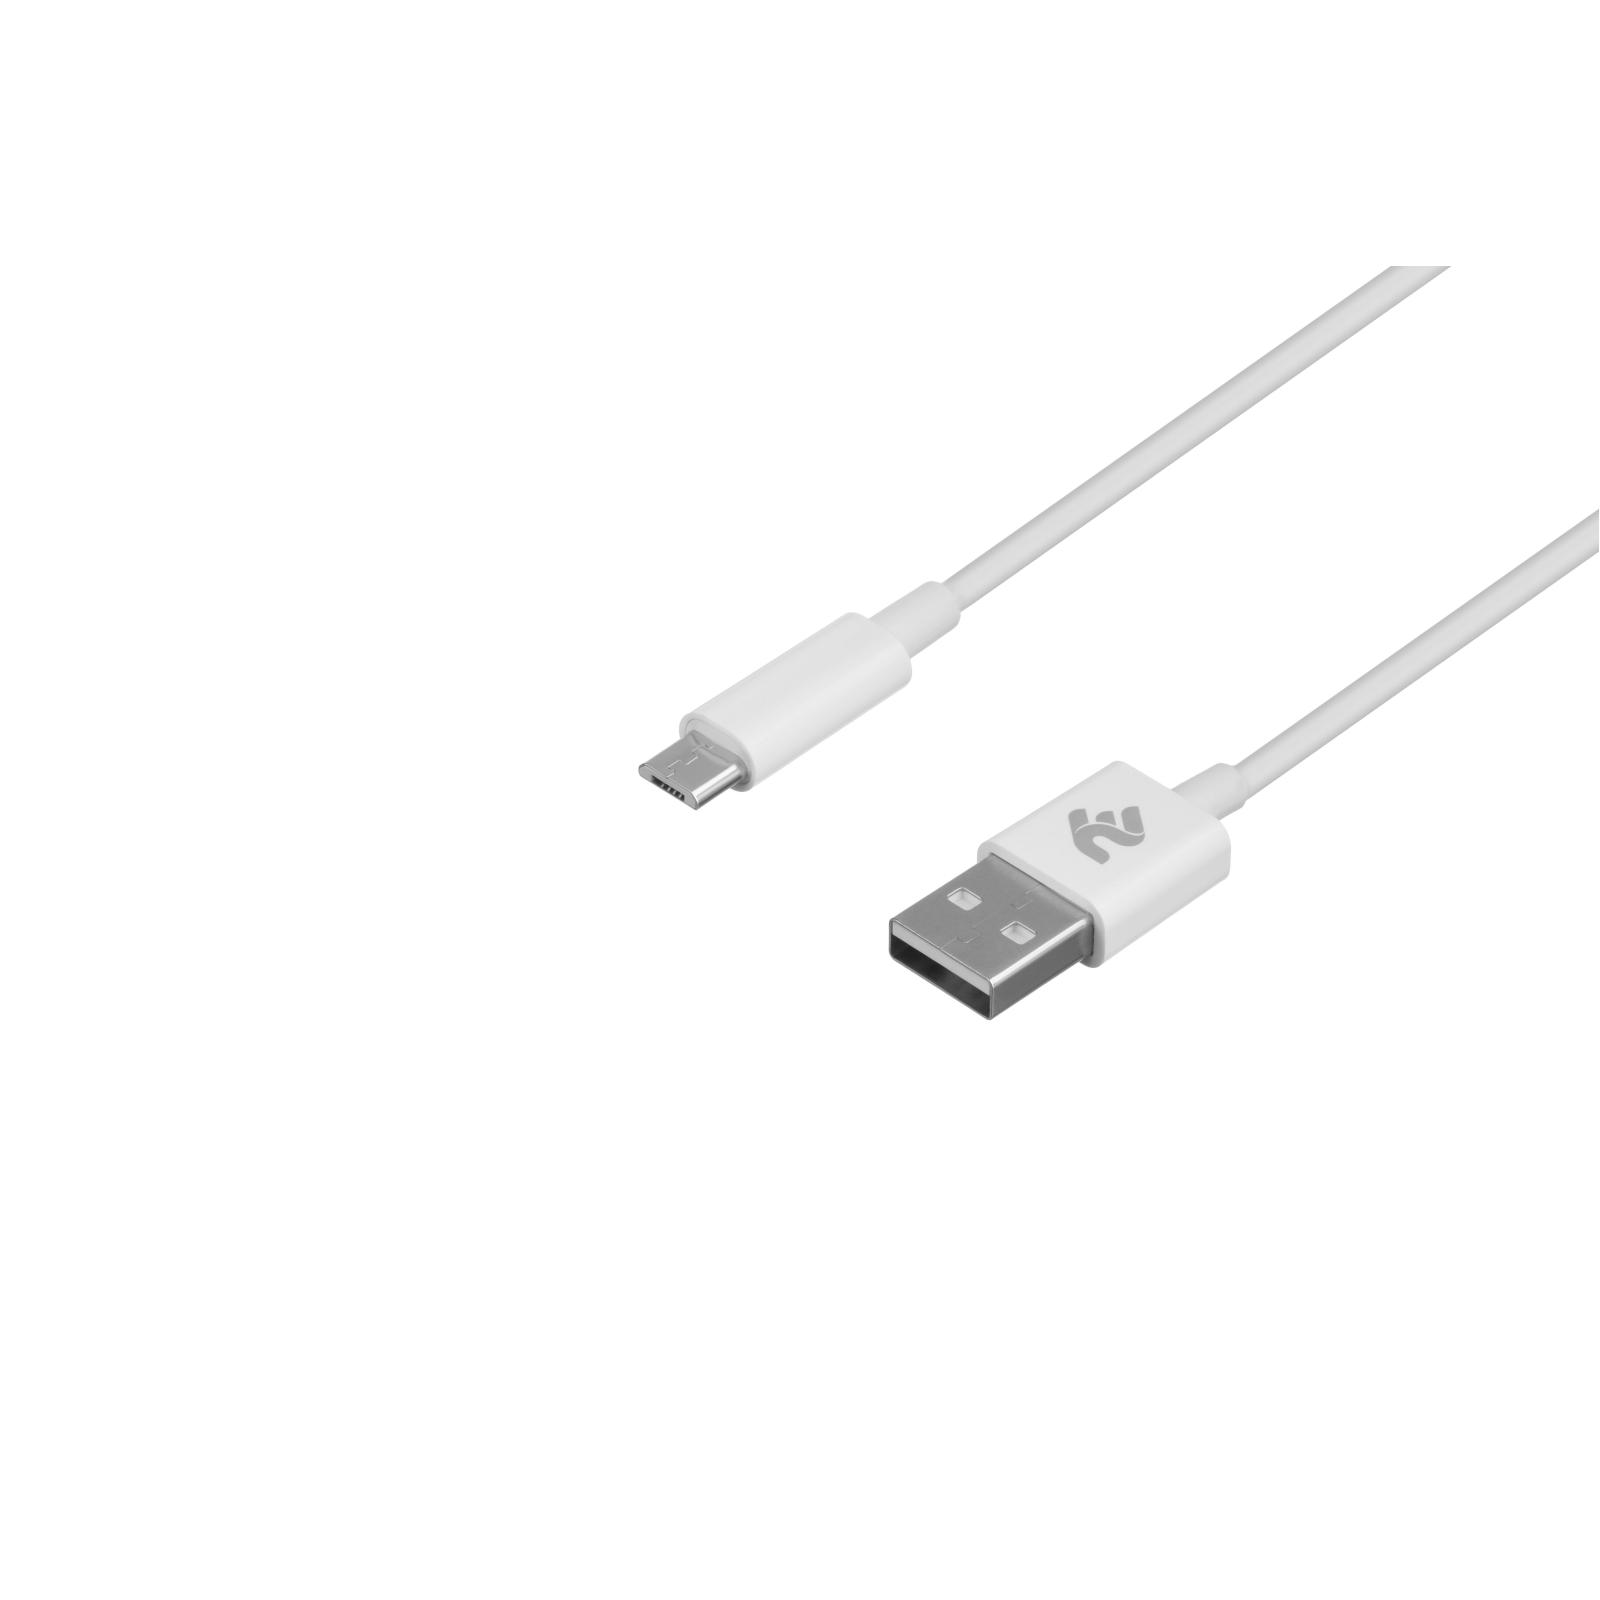 Дата кабель USB 2.0 AM to Micro 5P 1.0m black 2E (2E-CCMAB-BL) изображение 2